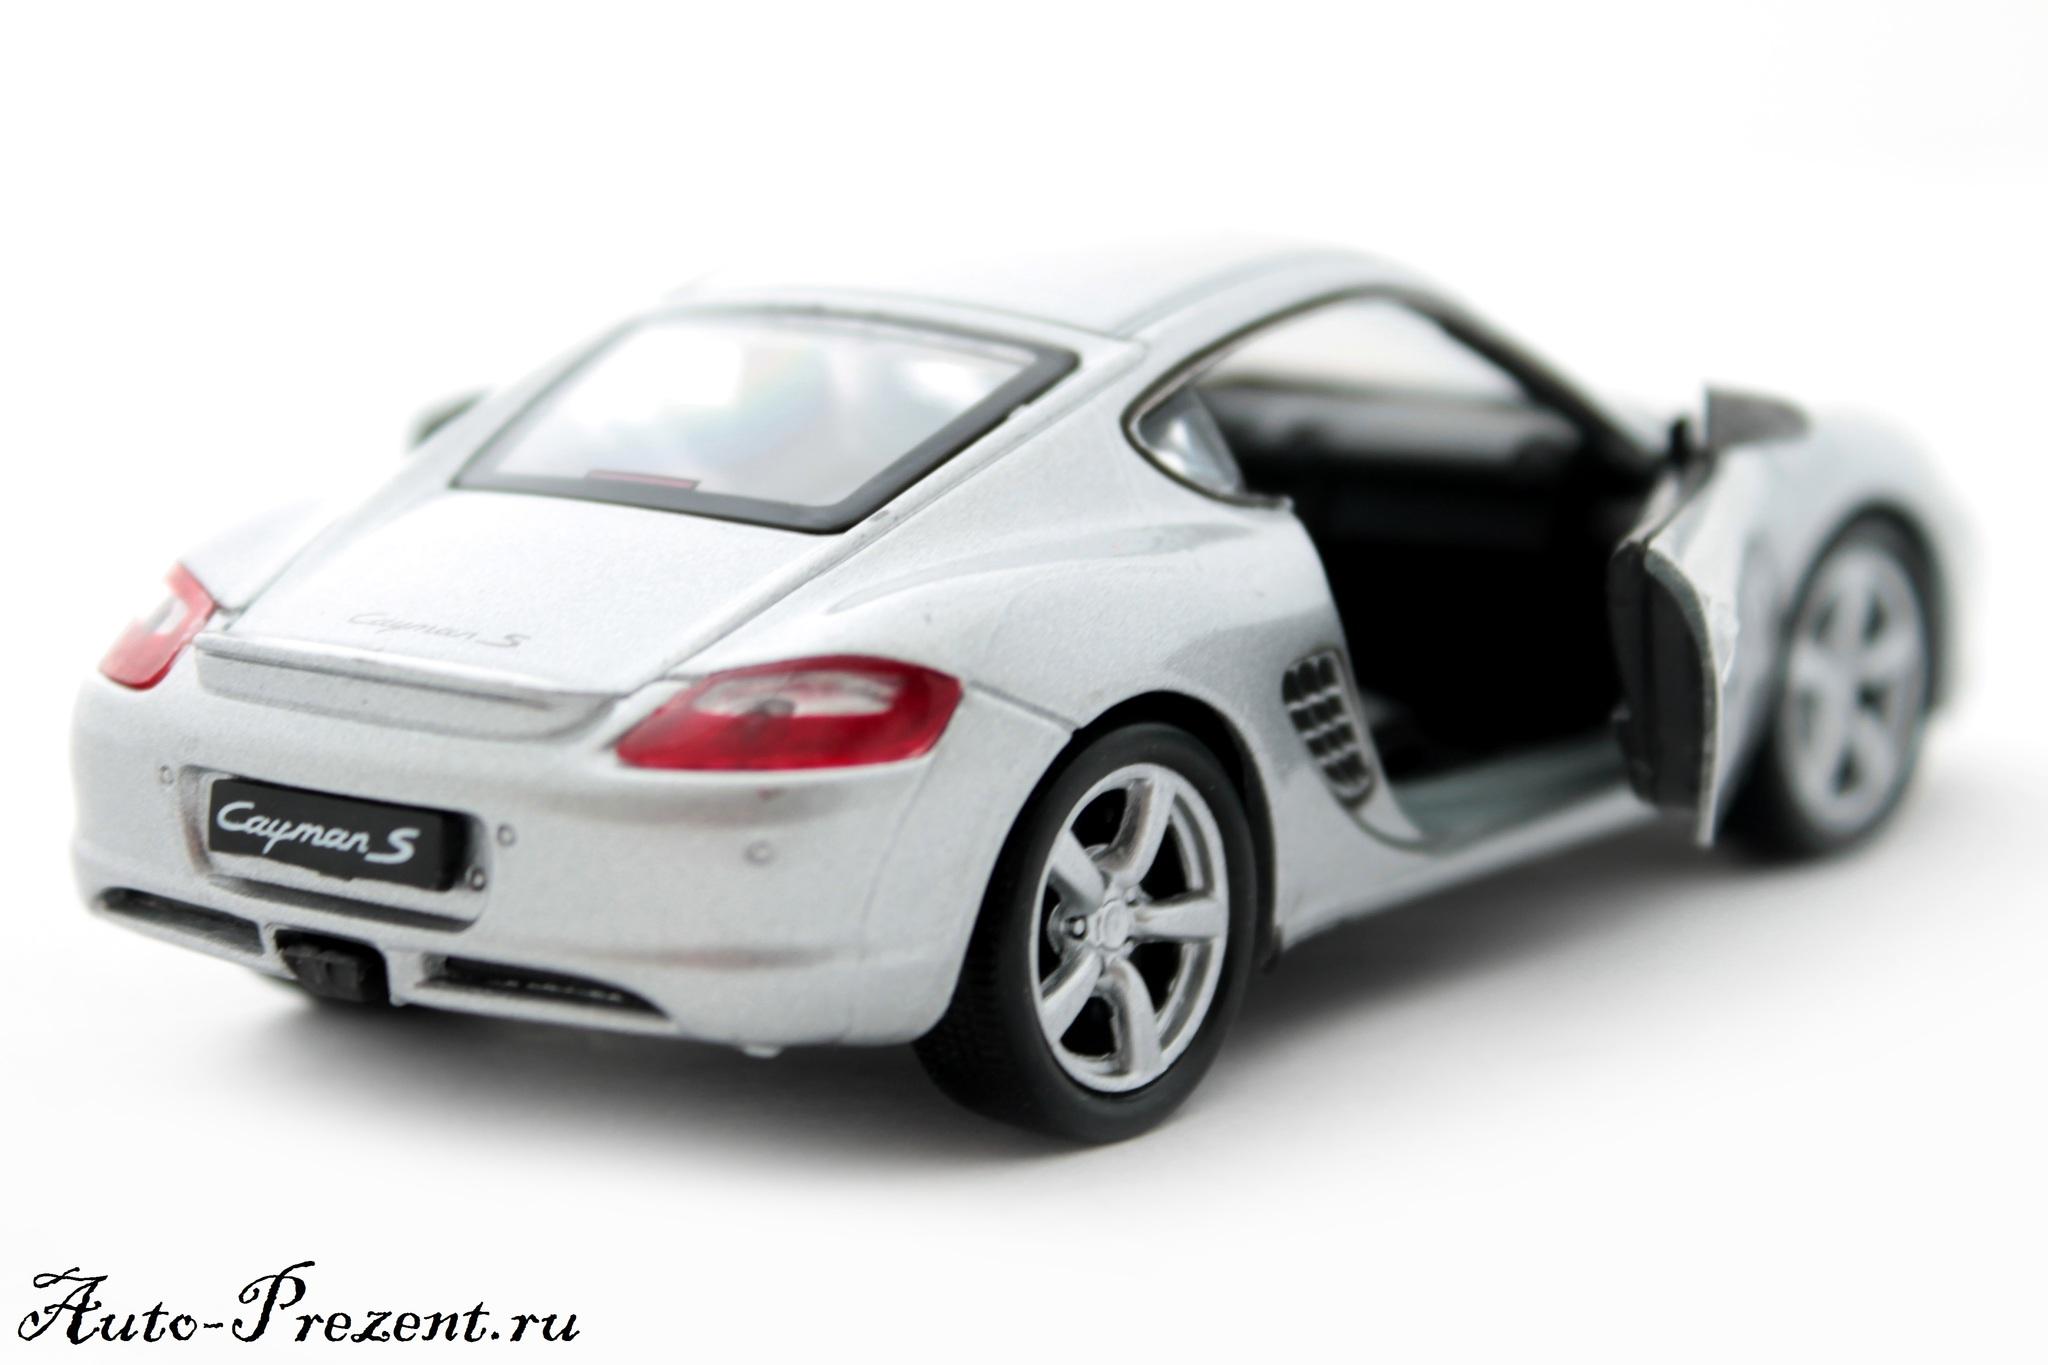 Машинка-игрушка Porsche Cayman S